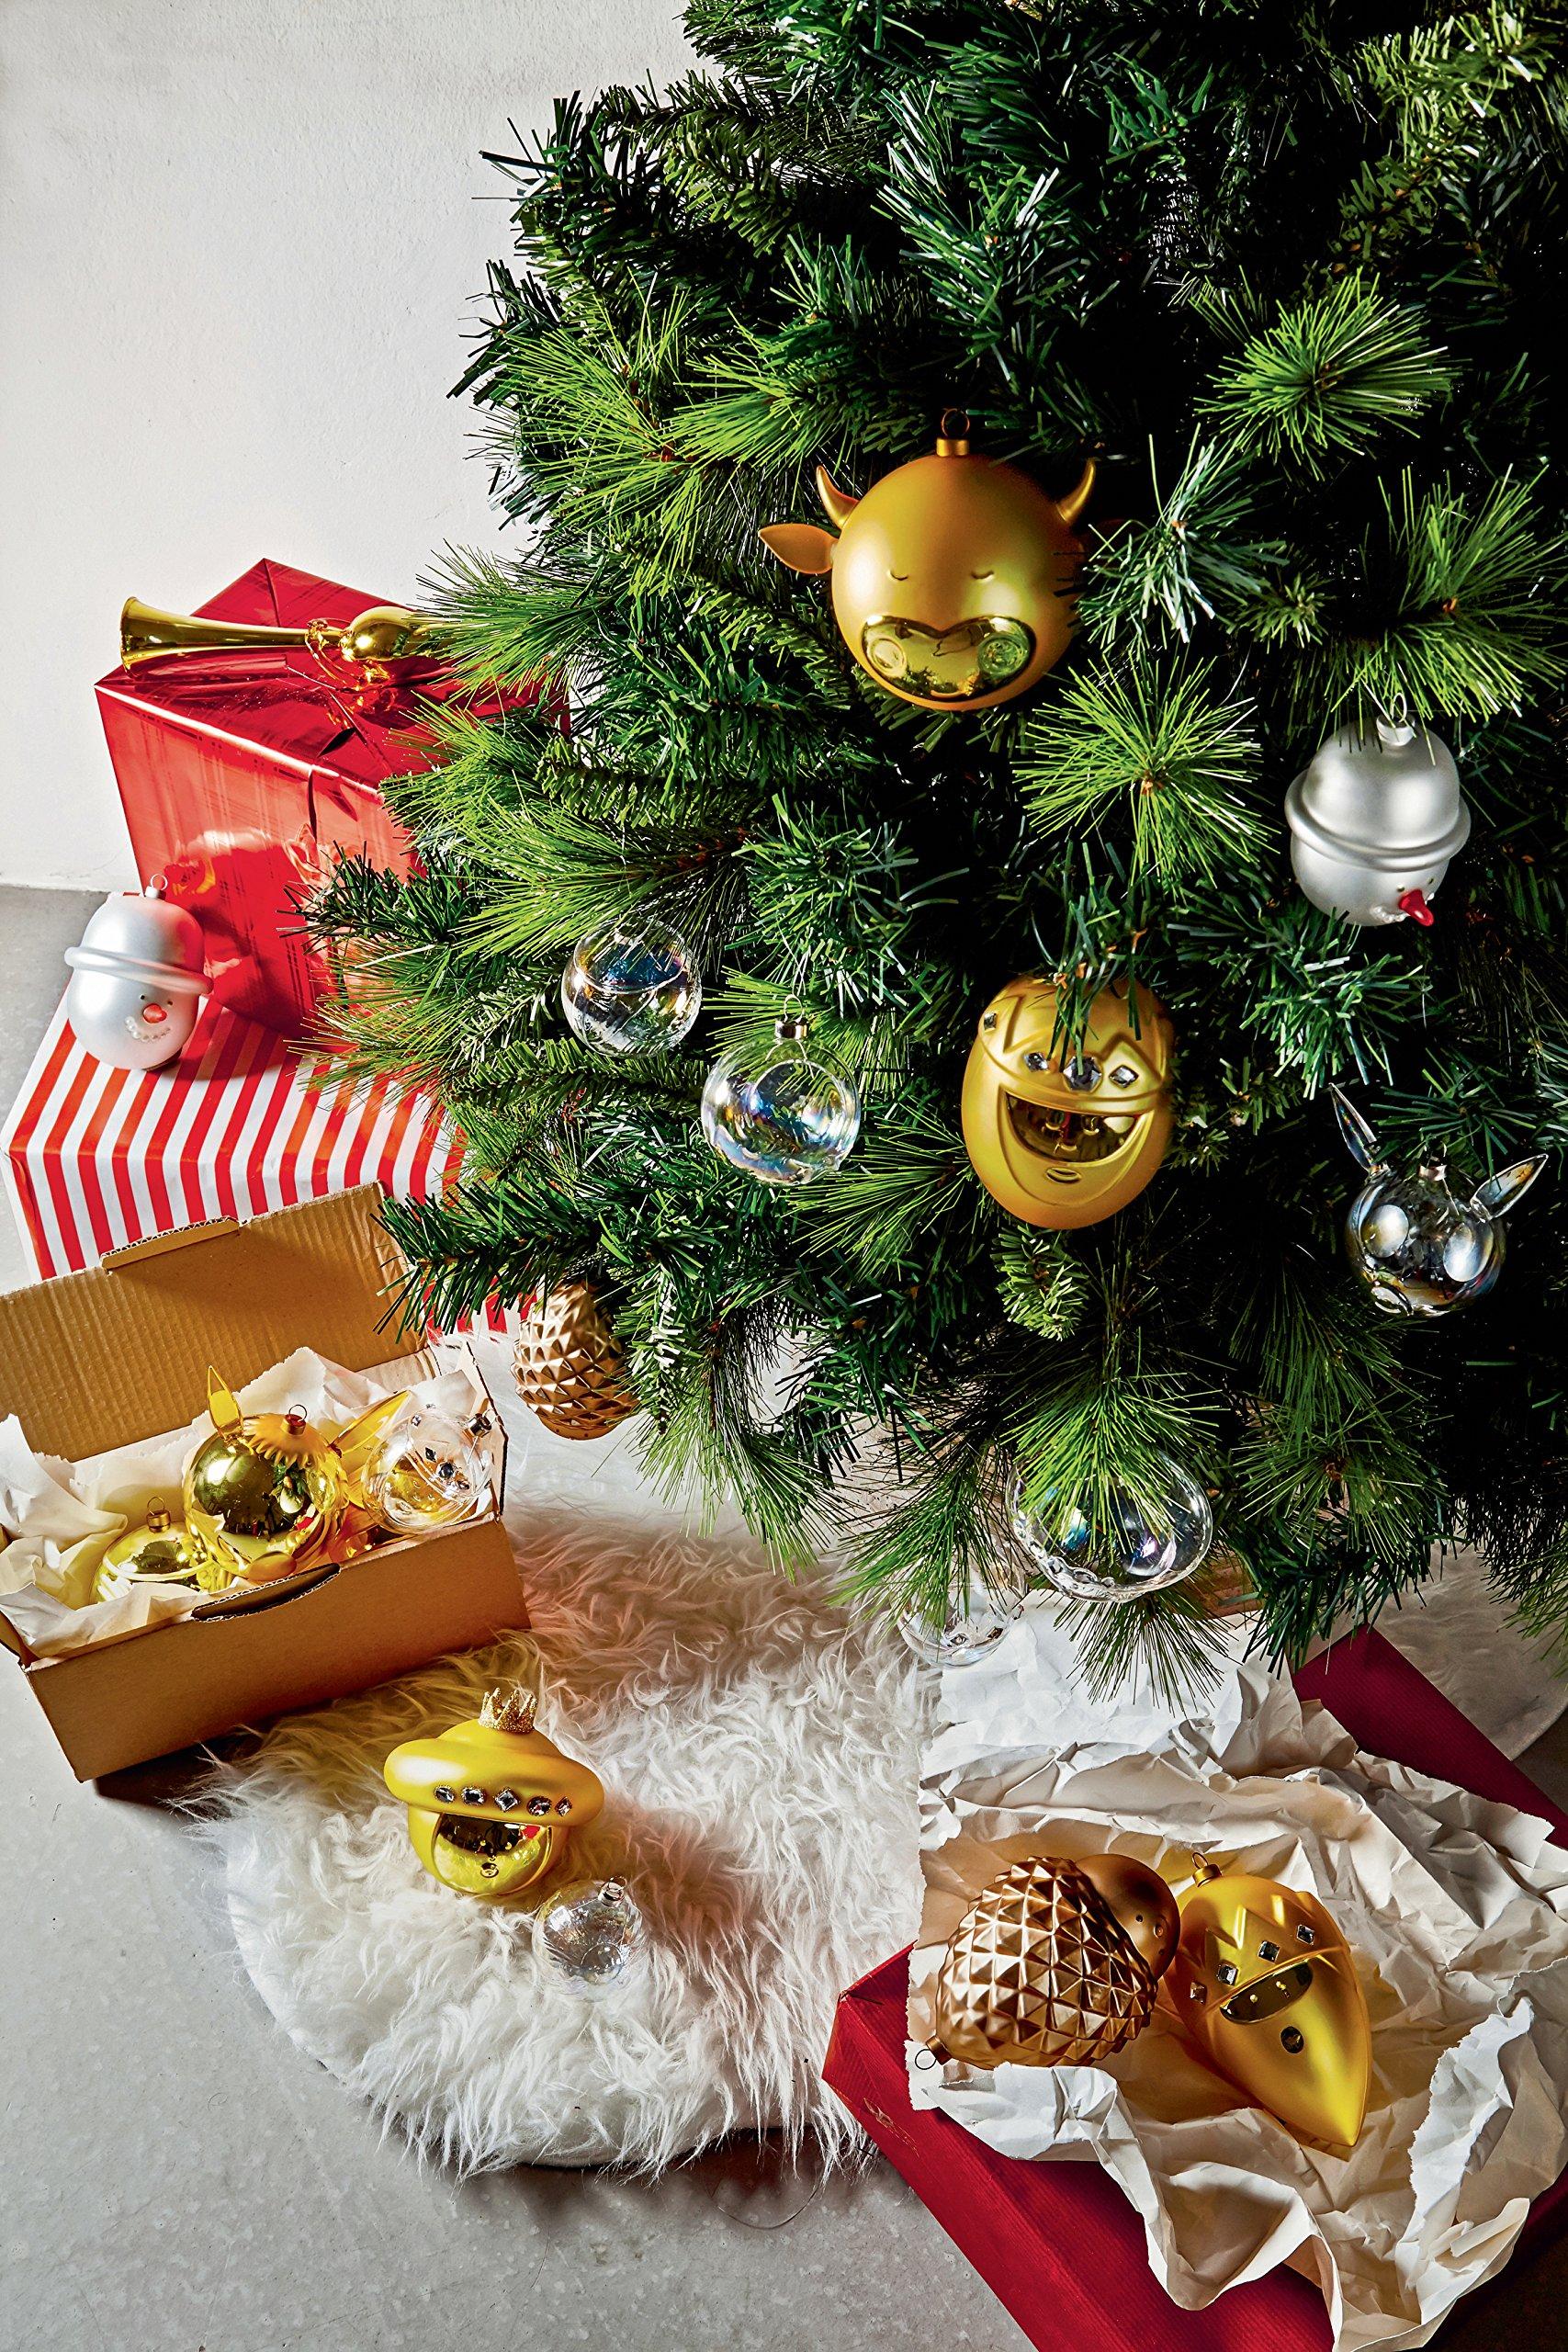 Alessi-AMJ15-Arcangiolo-Weihnachtsbaumspitze-aus-Glas-in-Gold